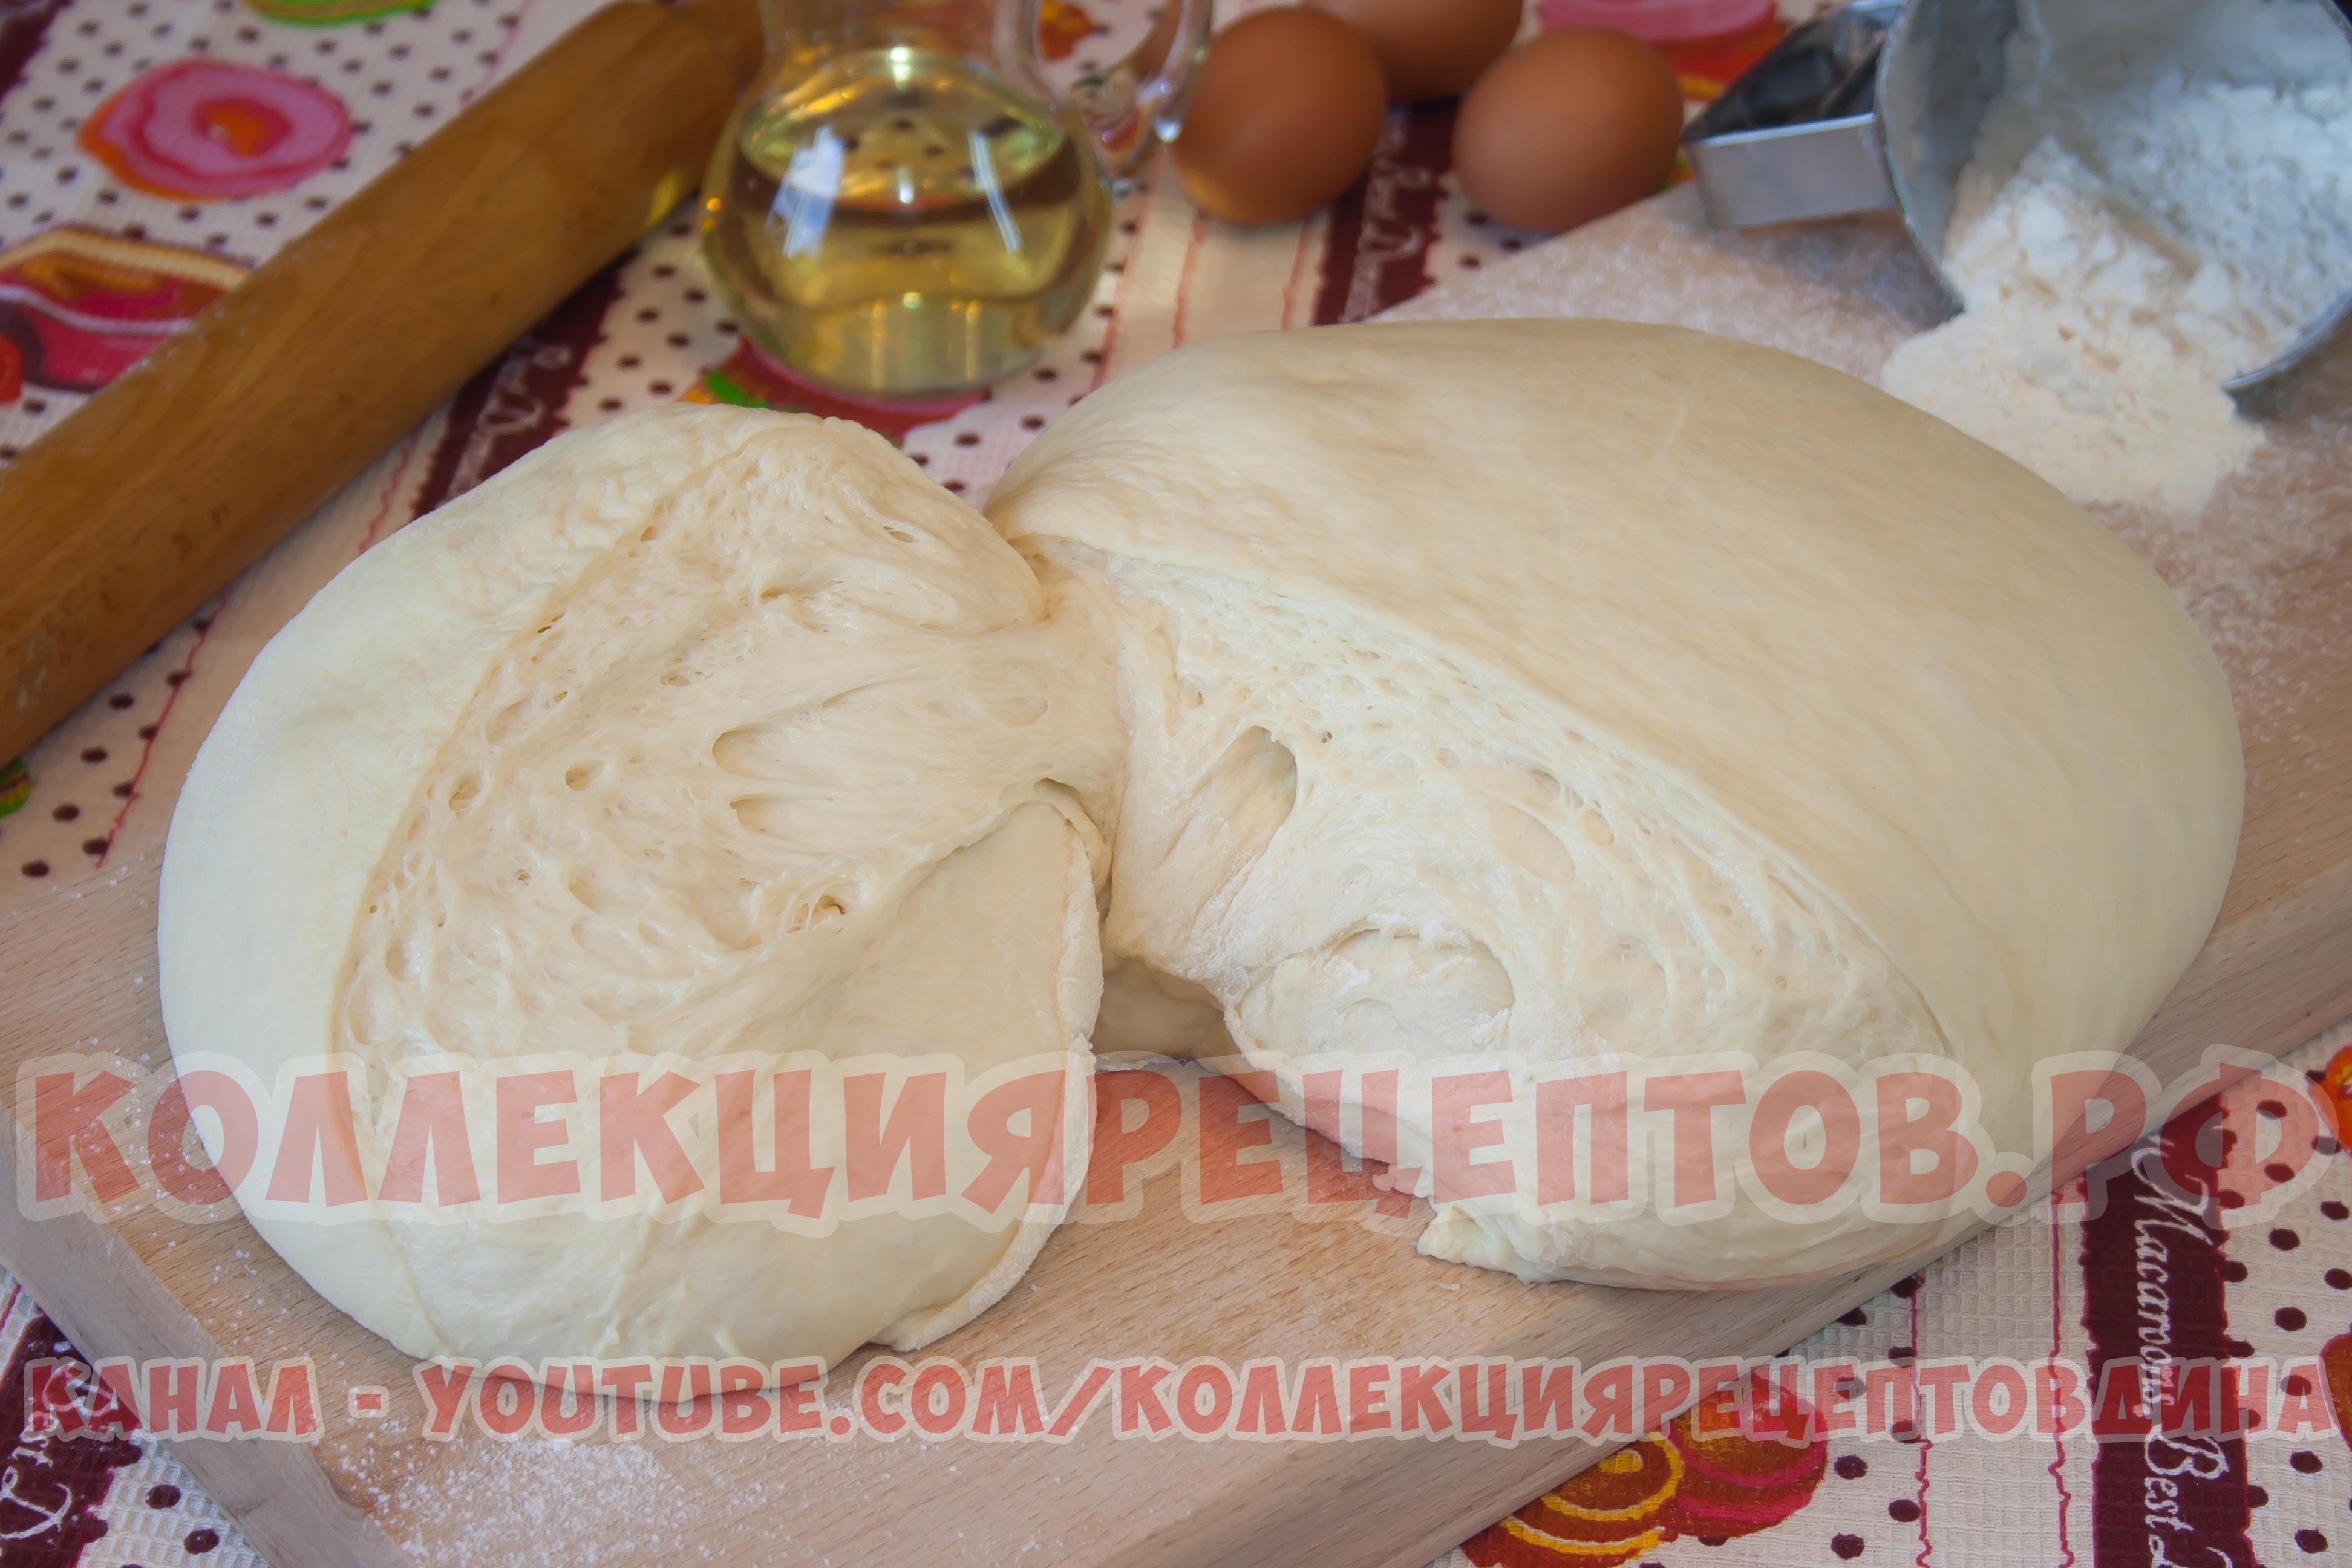 Дрожжевое тесто из холодильника рецепт пошагово в